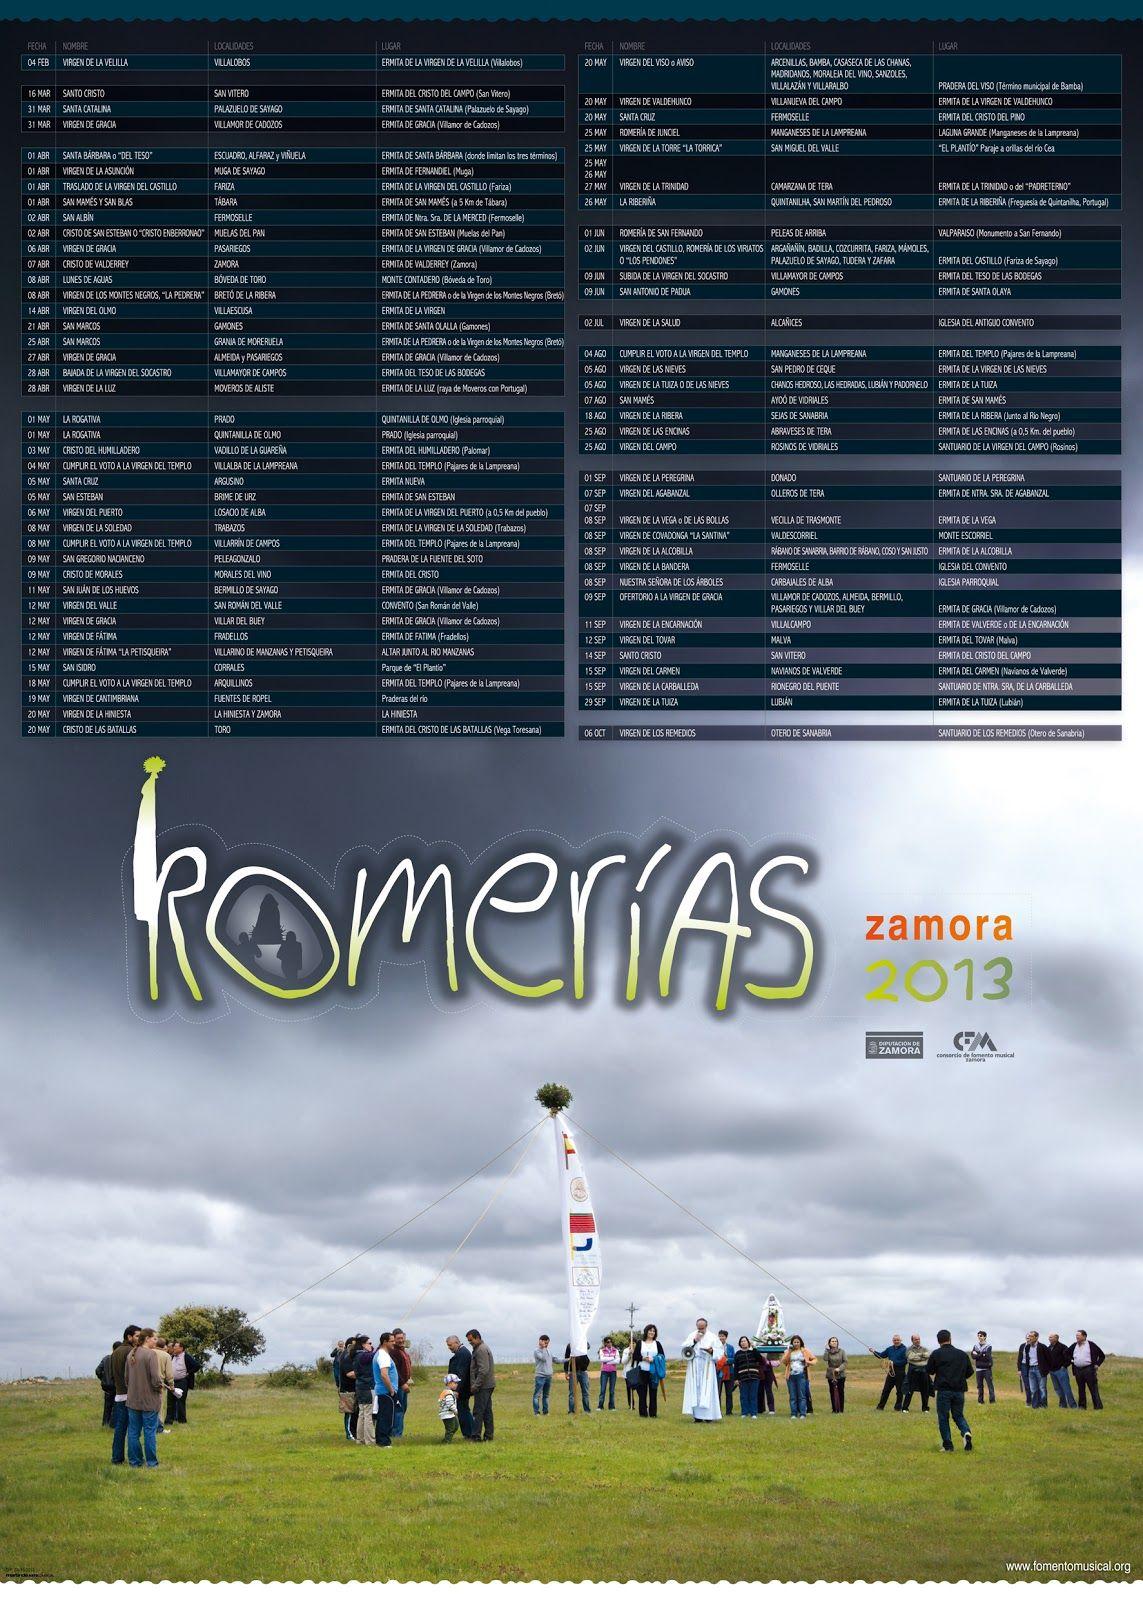 Calendario de Romerías 2013 Provincia de Zamora